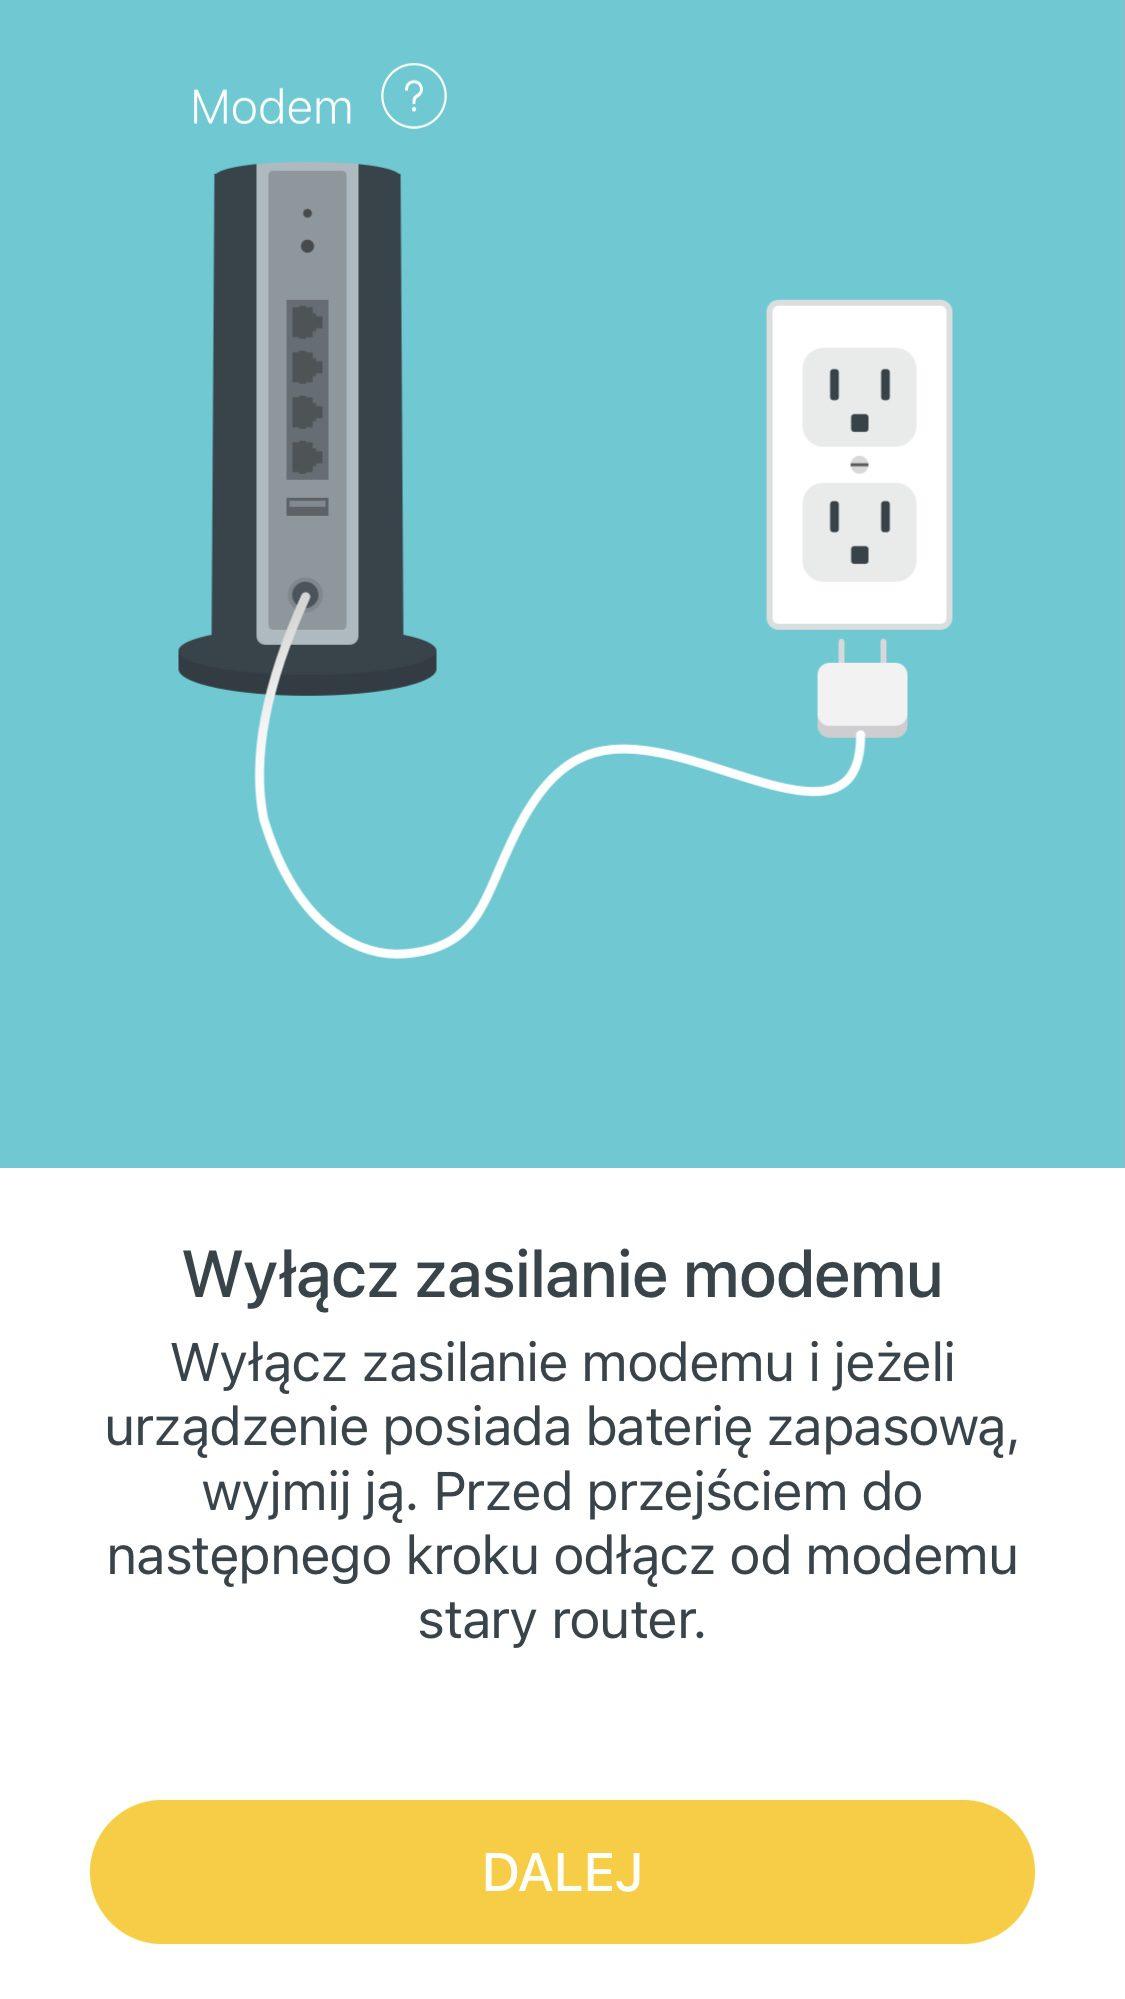 polaczenie z modemem